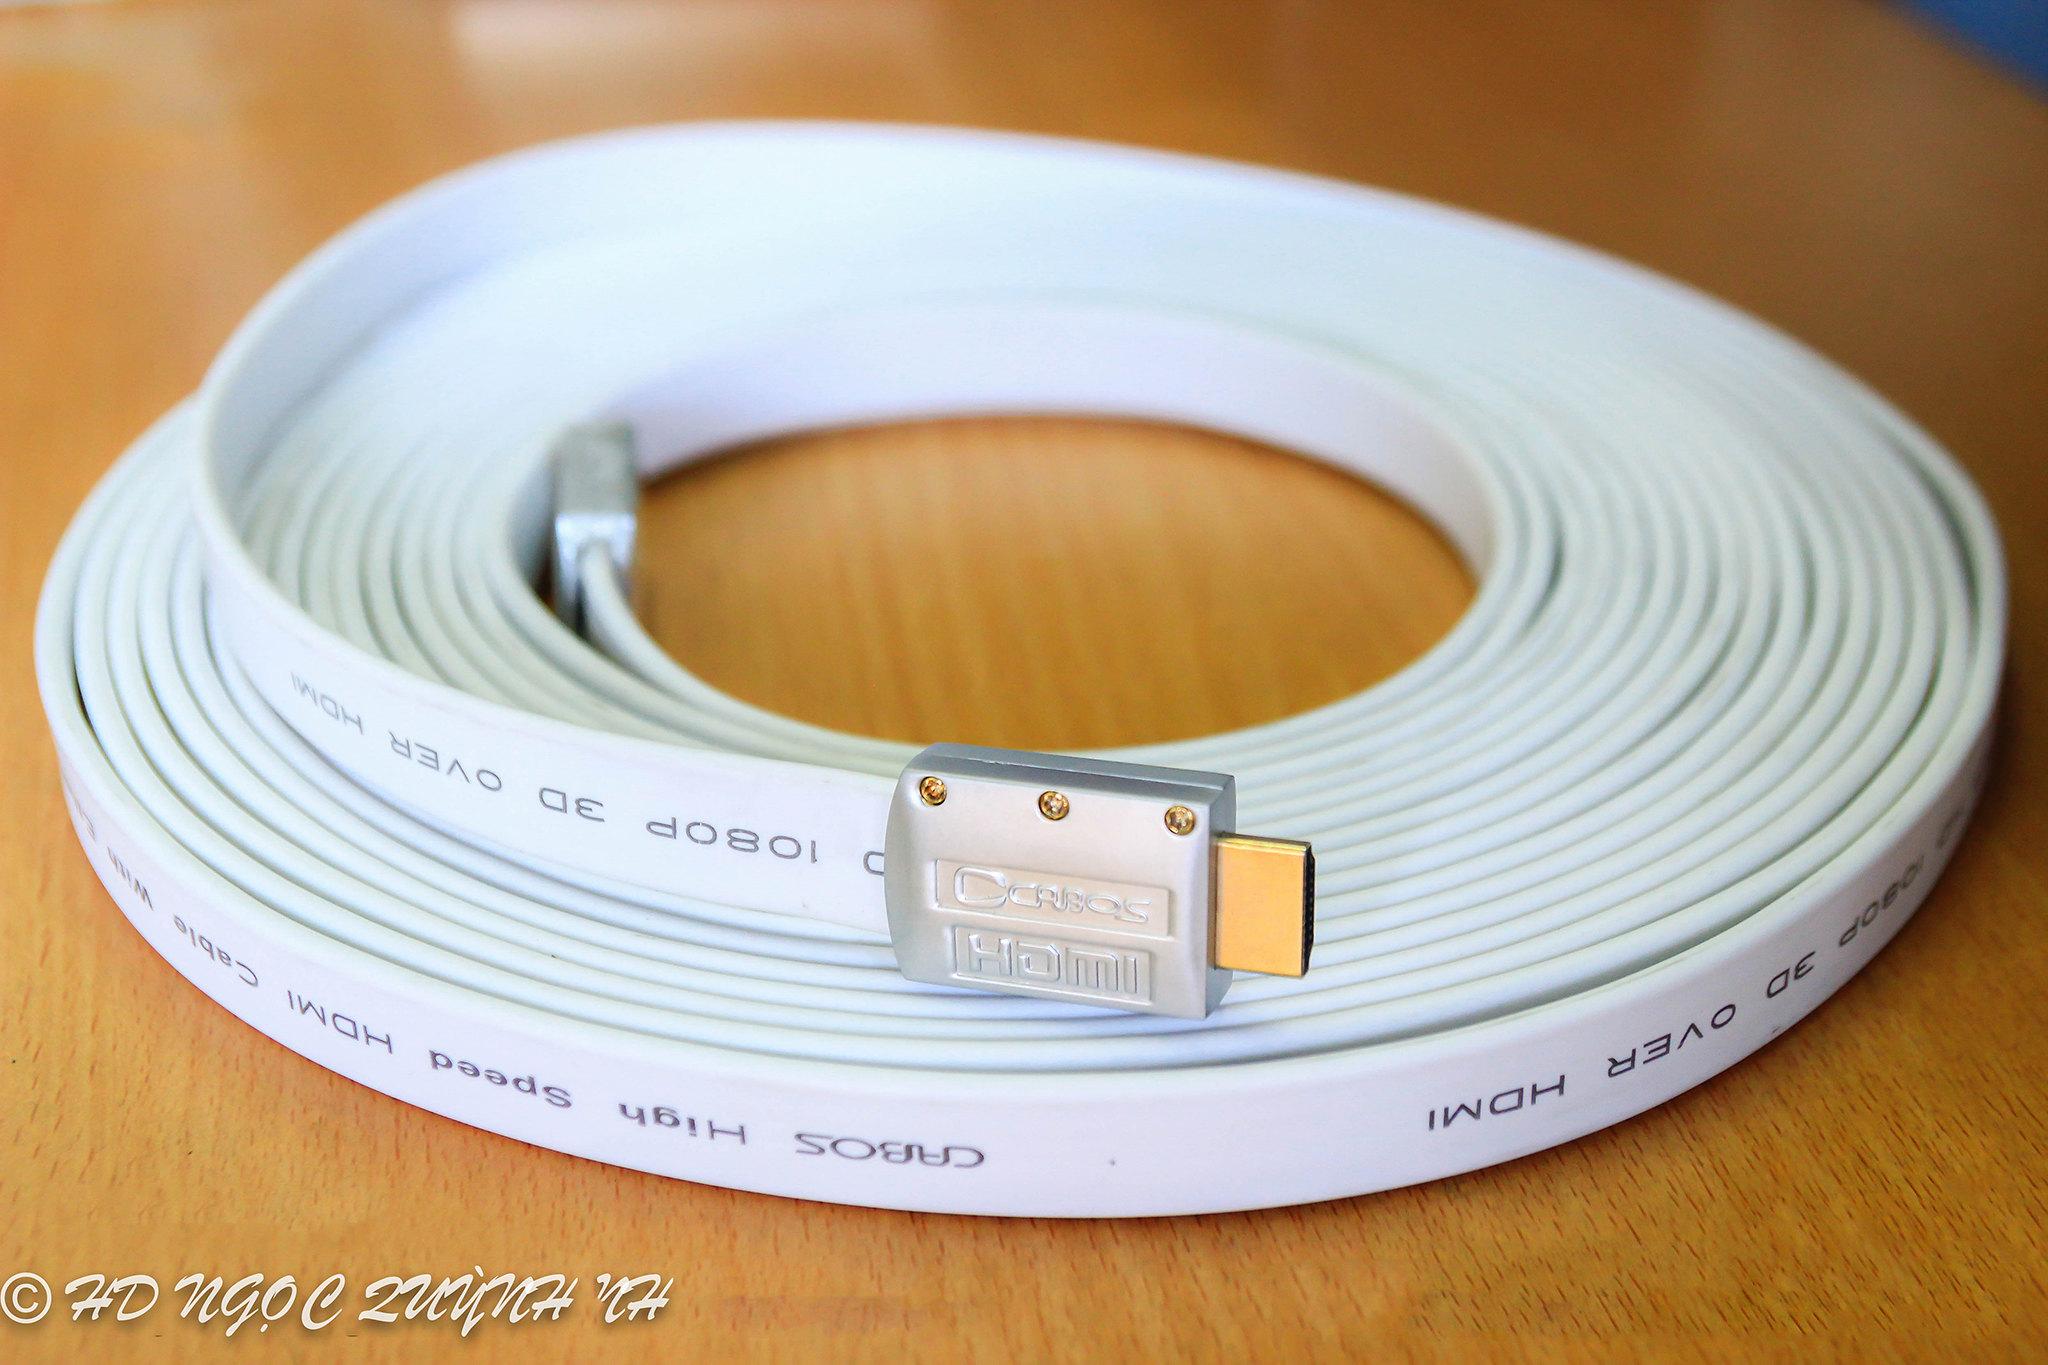 chuyên bán dây jack tín hiệu, HDMI , Audio, phim HD 3D, HD Player, bộ chia HDMI - 4